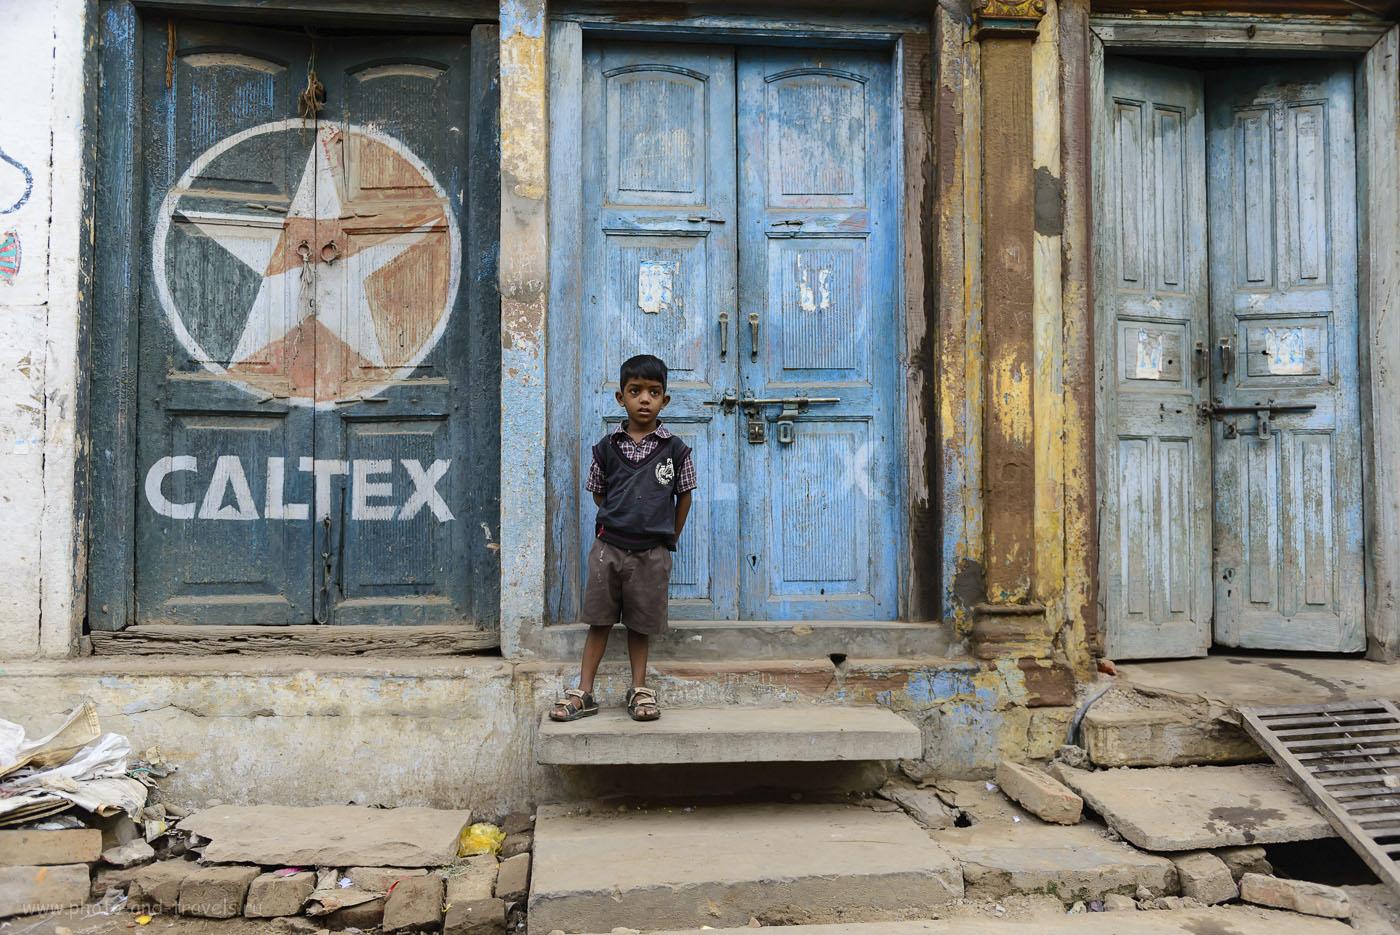 Фото 24. Отзывы туристов о поездке в Варанаси. Путешествие по Индии самостоятельно. 1/400, 2.8, 250, 26.